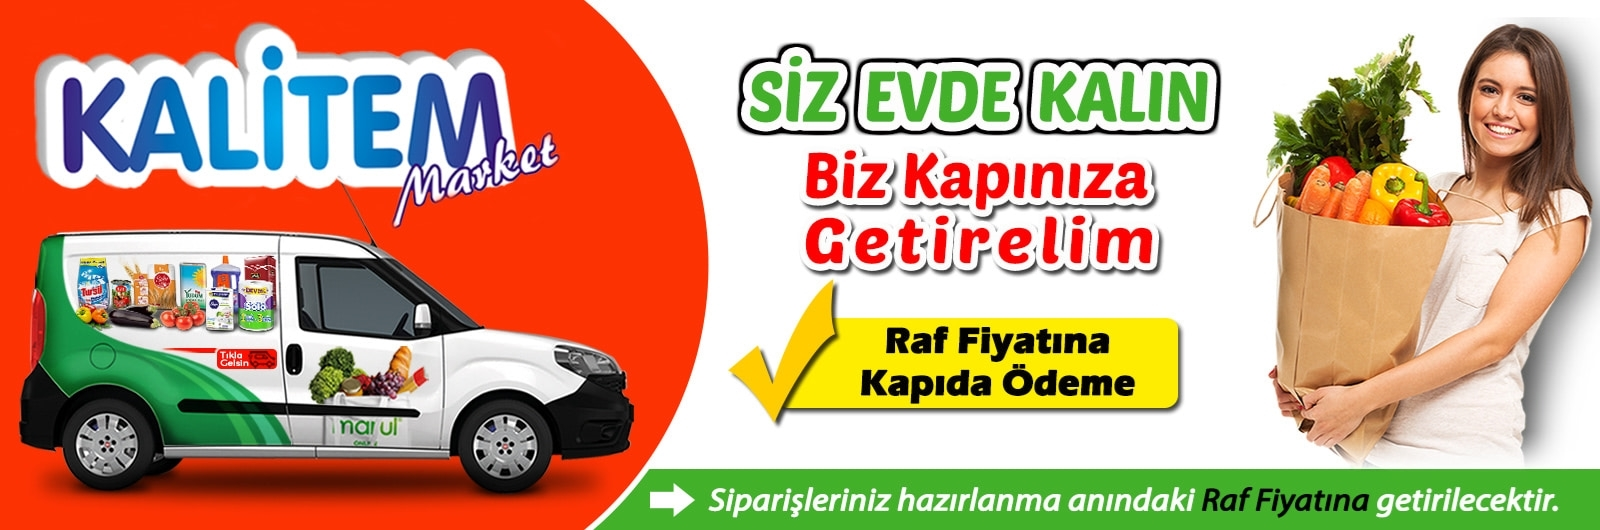 Safranbolu Kalitem Market Online Market Siparişi